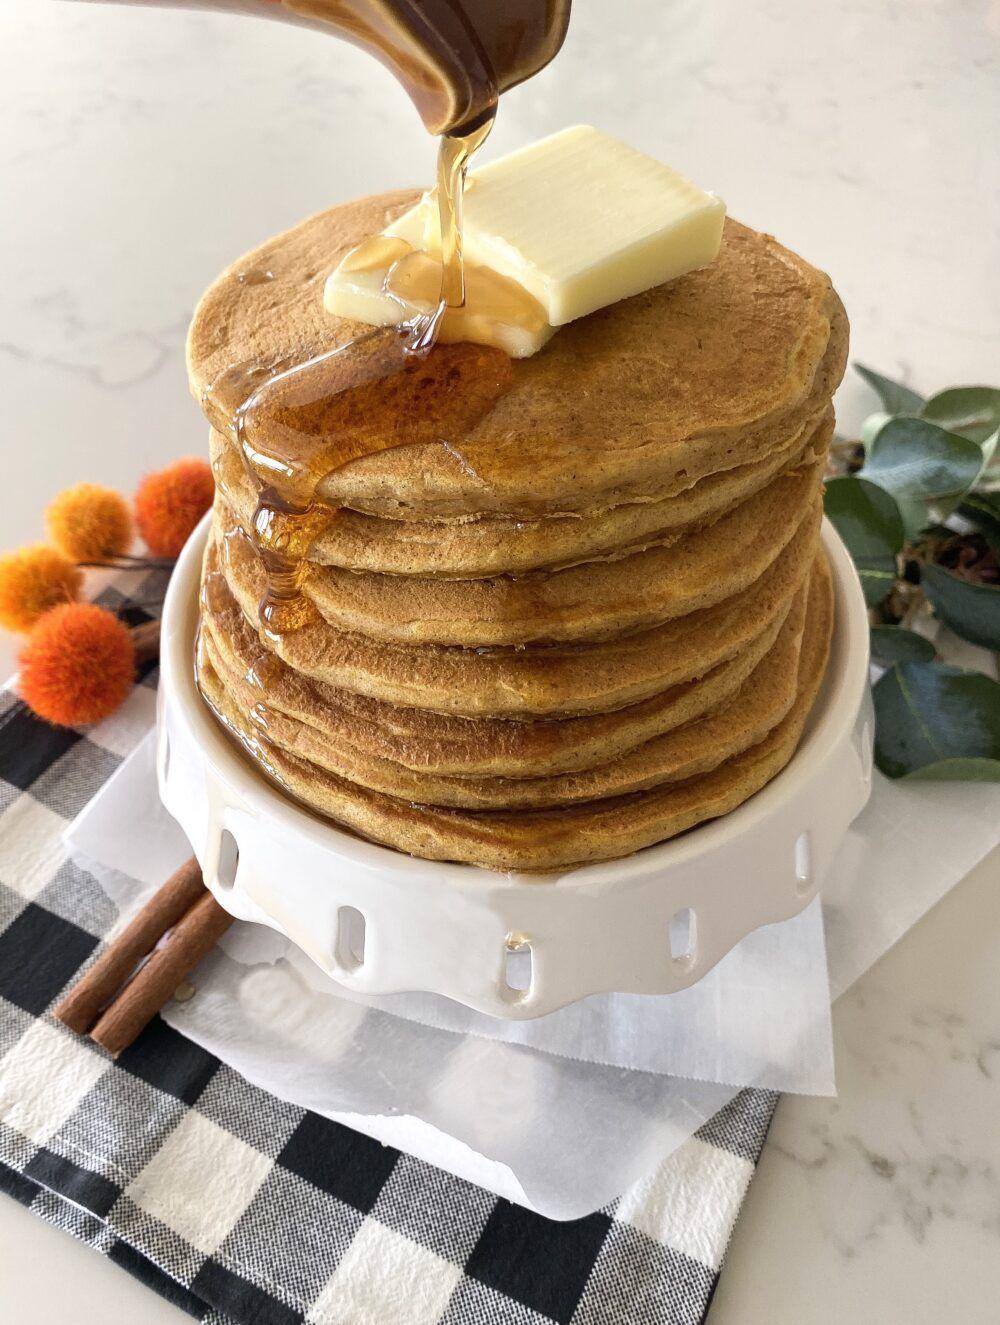 Buttermilk Pumpkin Pancakes Recipe Pumpkin Buttermilk Pancakes Pumpkin Pancakes Pumpkin Spice Pancakes